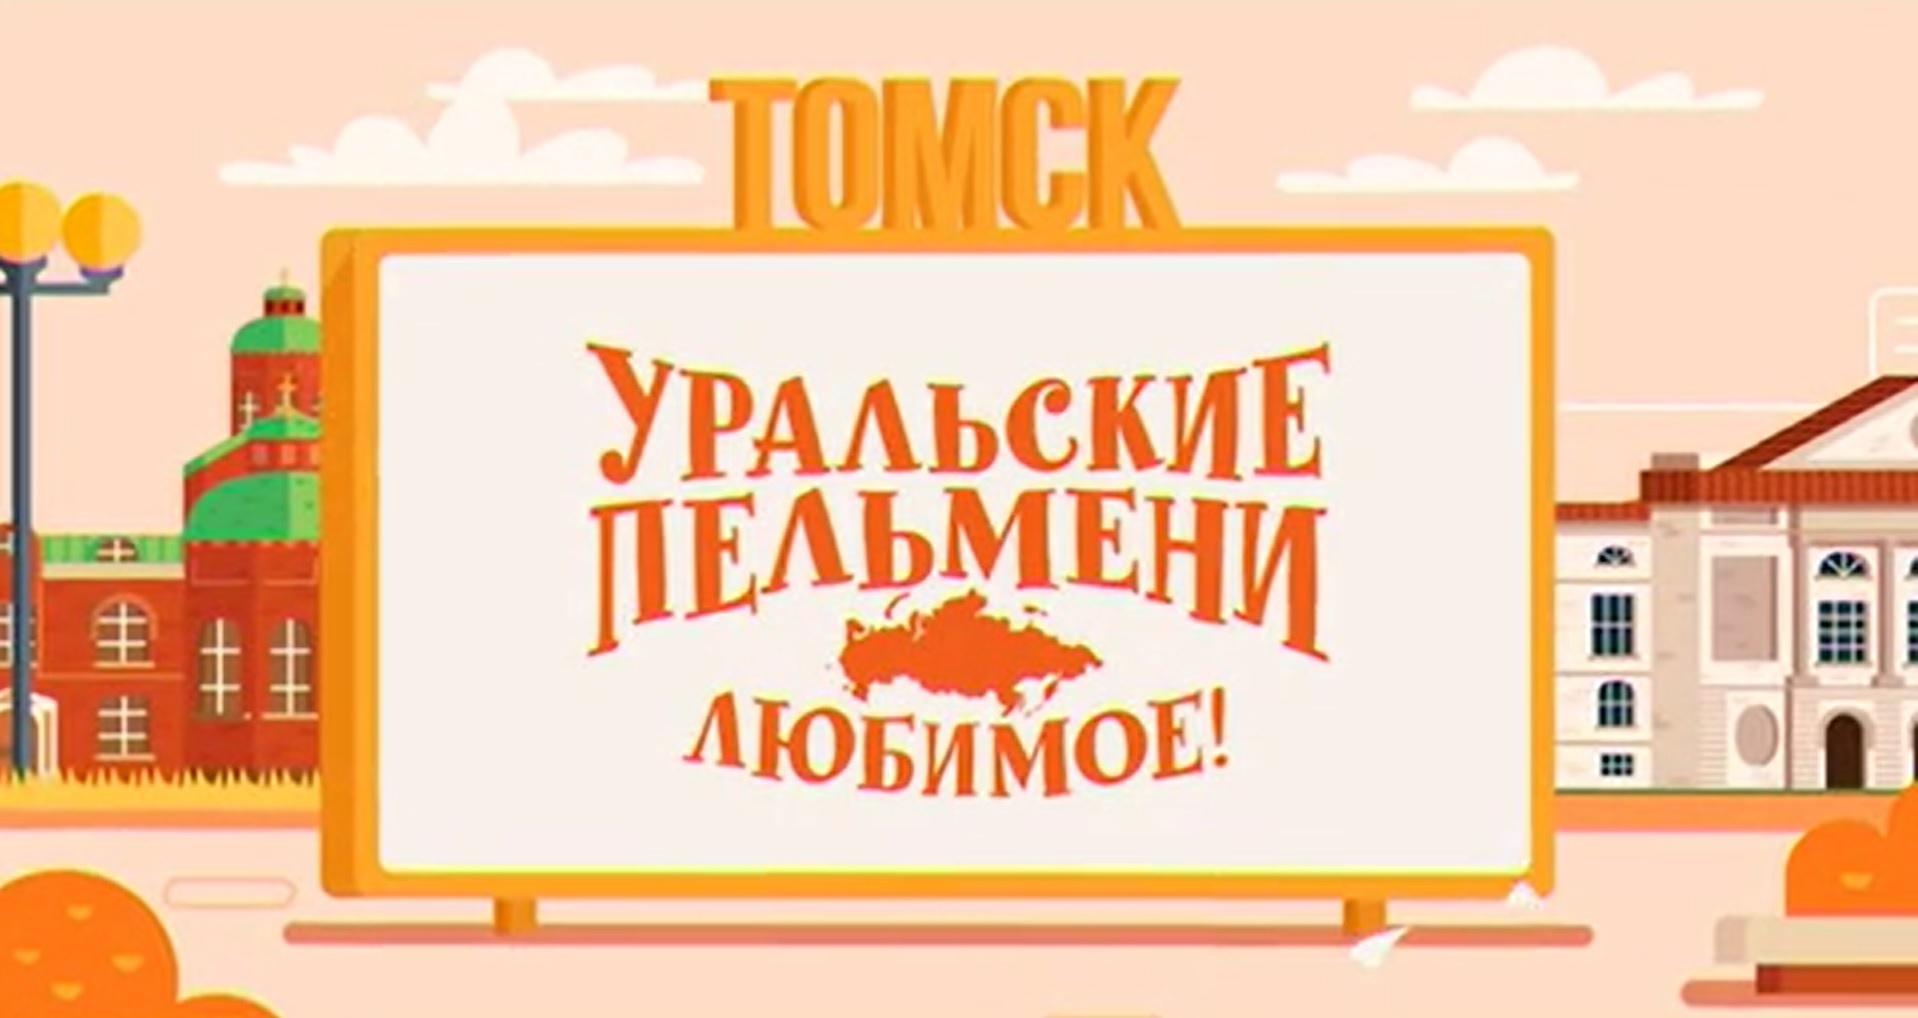 Творческий коллектив Уральские Пельмени Уральские пельмени. Любимое. Томск для новорожденных томск